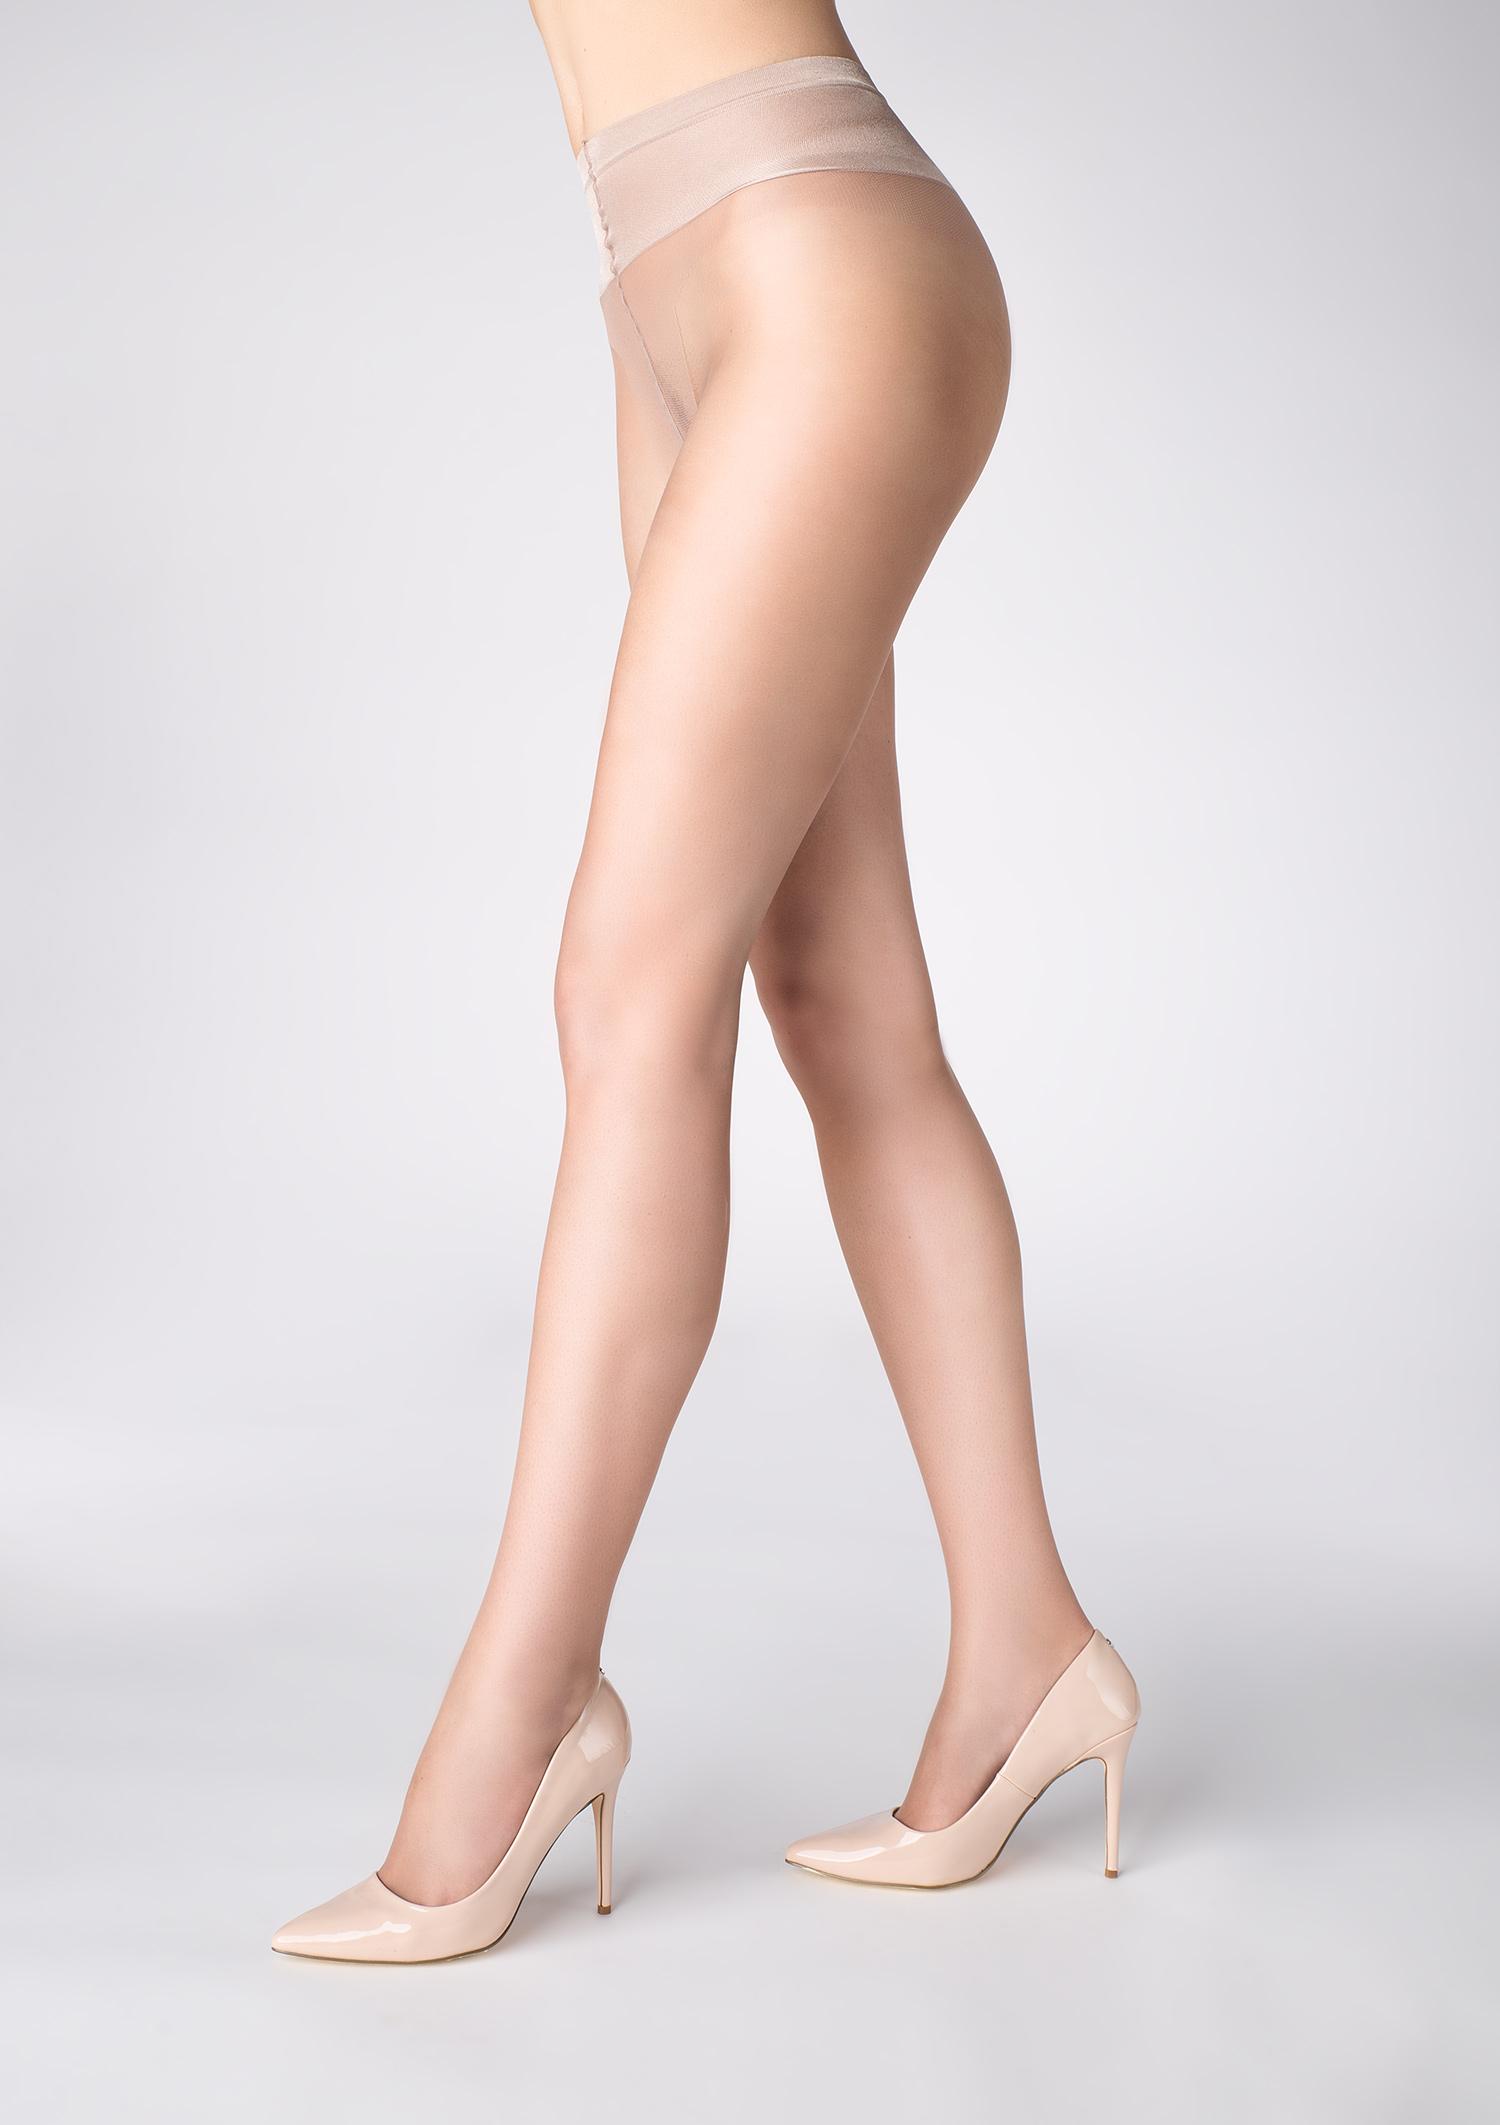 https://golden-legs.com.ua/images/stories/virtuemart/product/img_28318.jpg